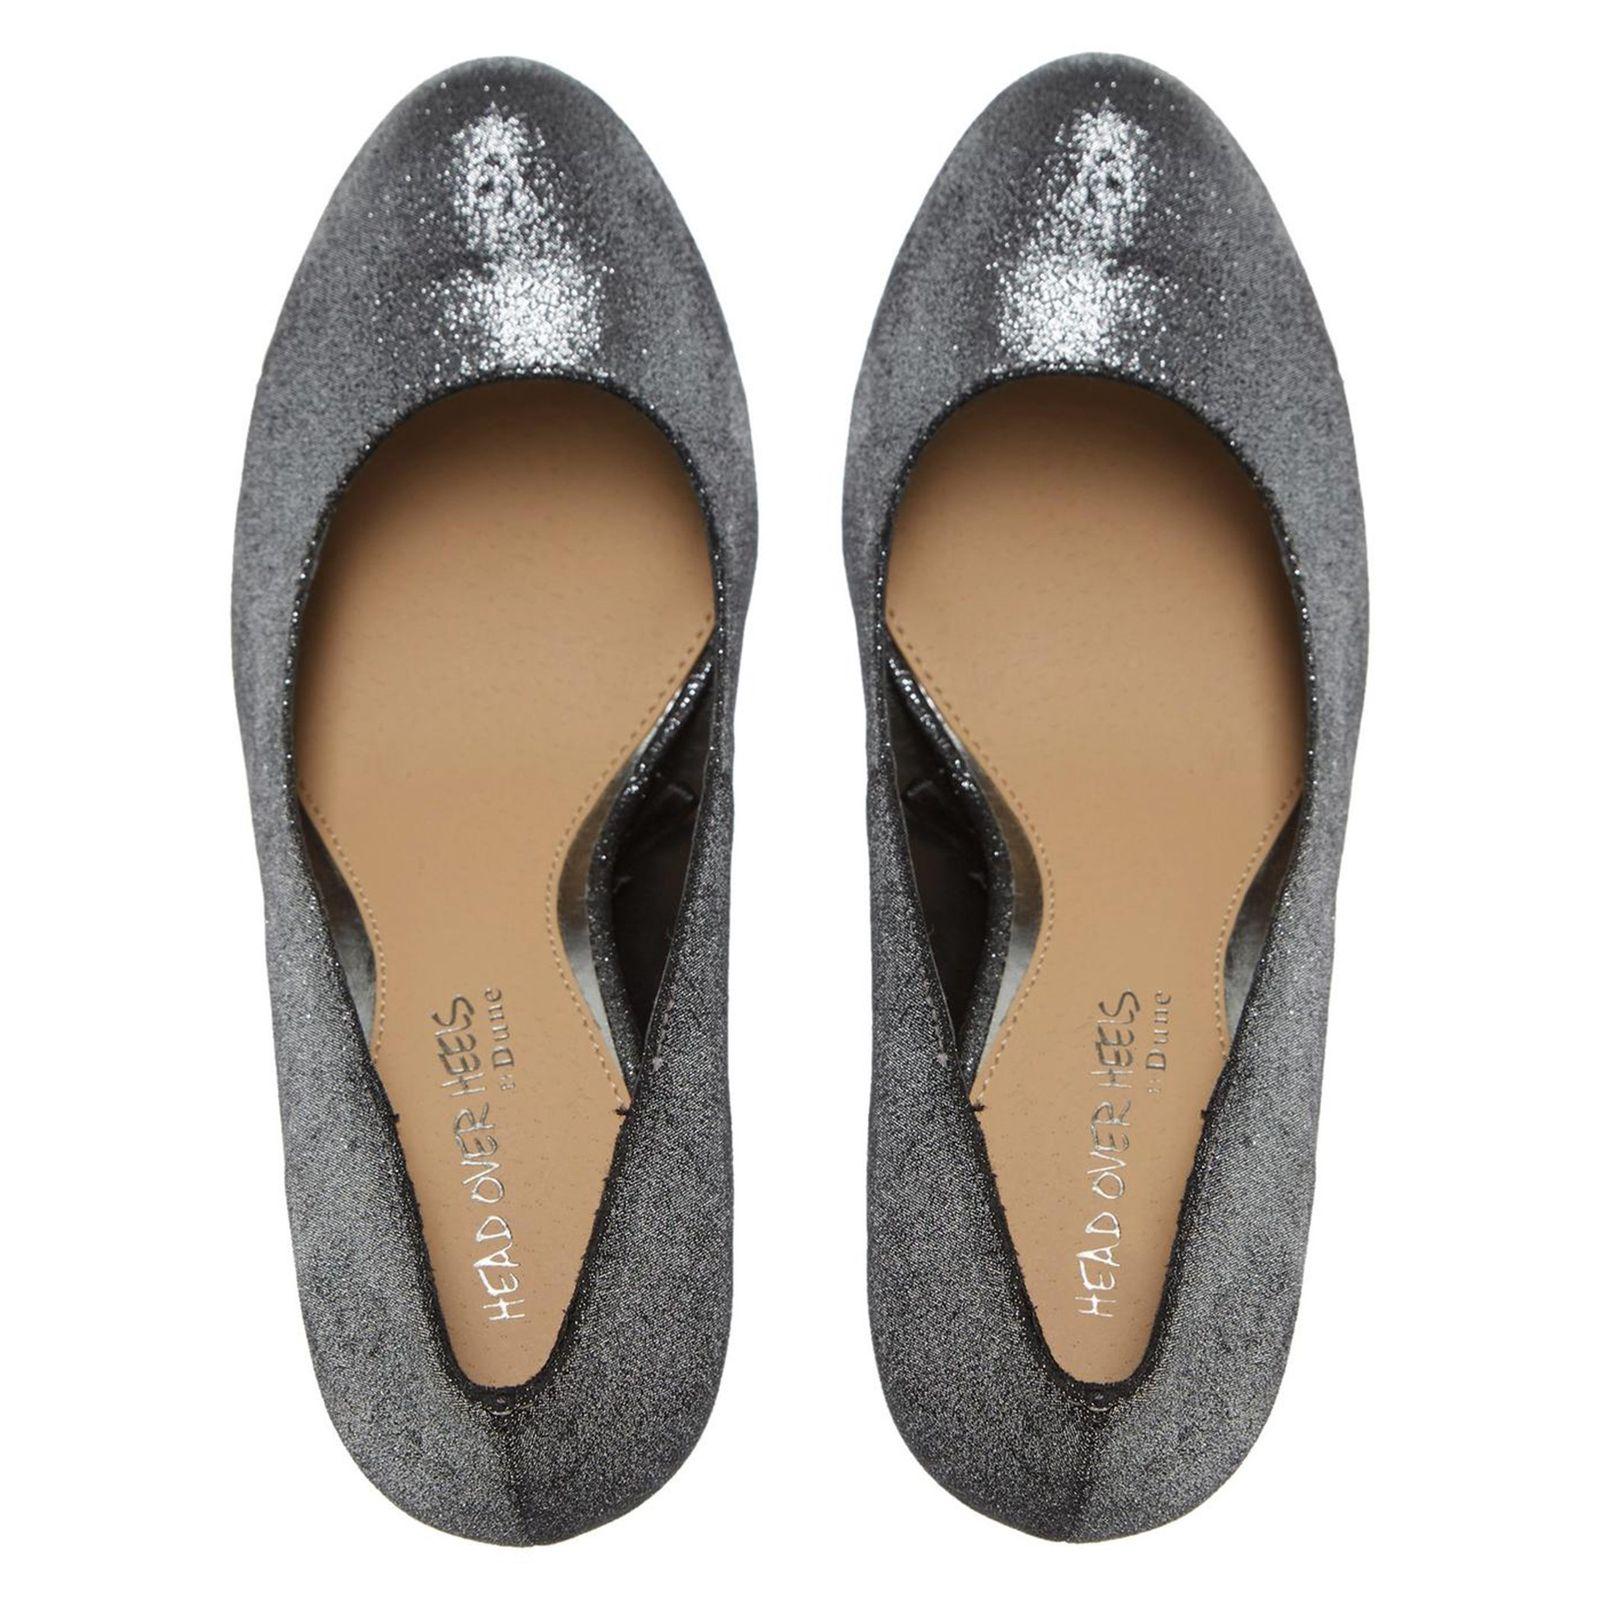 کفش پاشنه بلند زنانه - هد اور هیلز بای دون لندن main 1 7